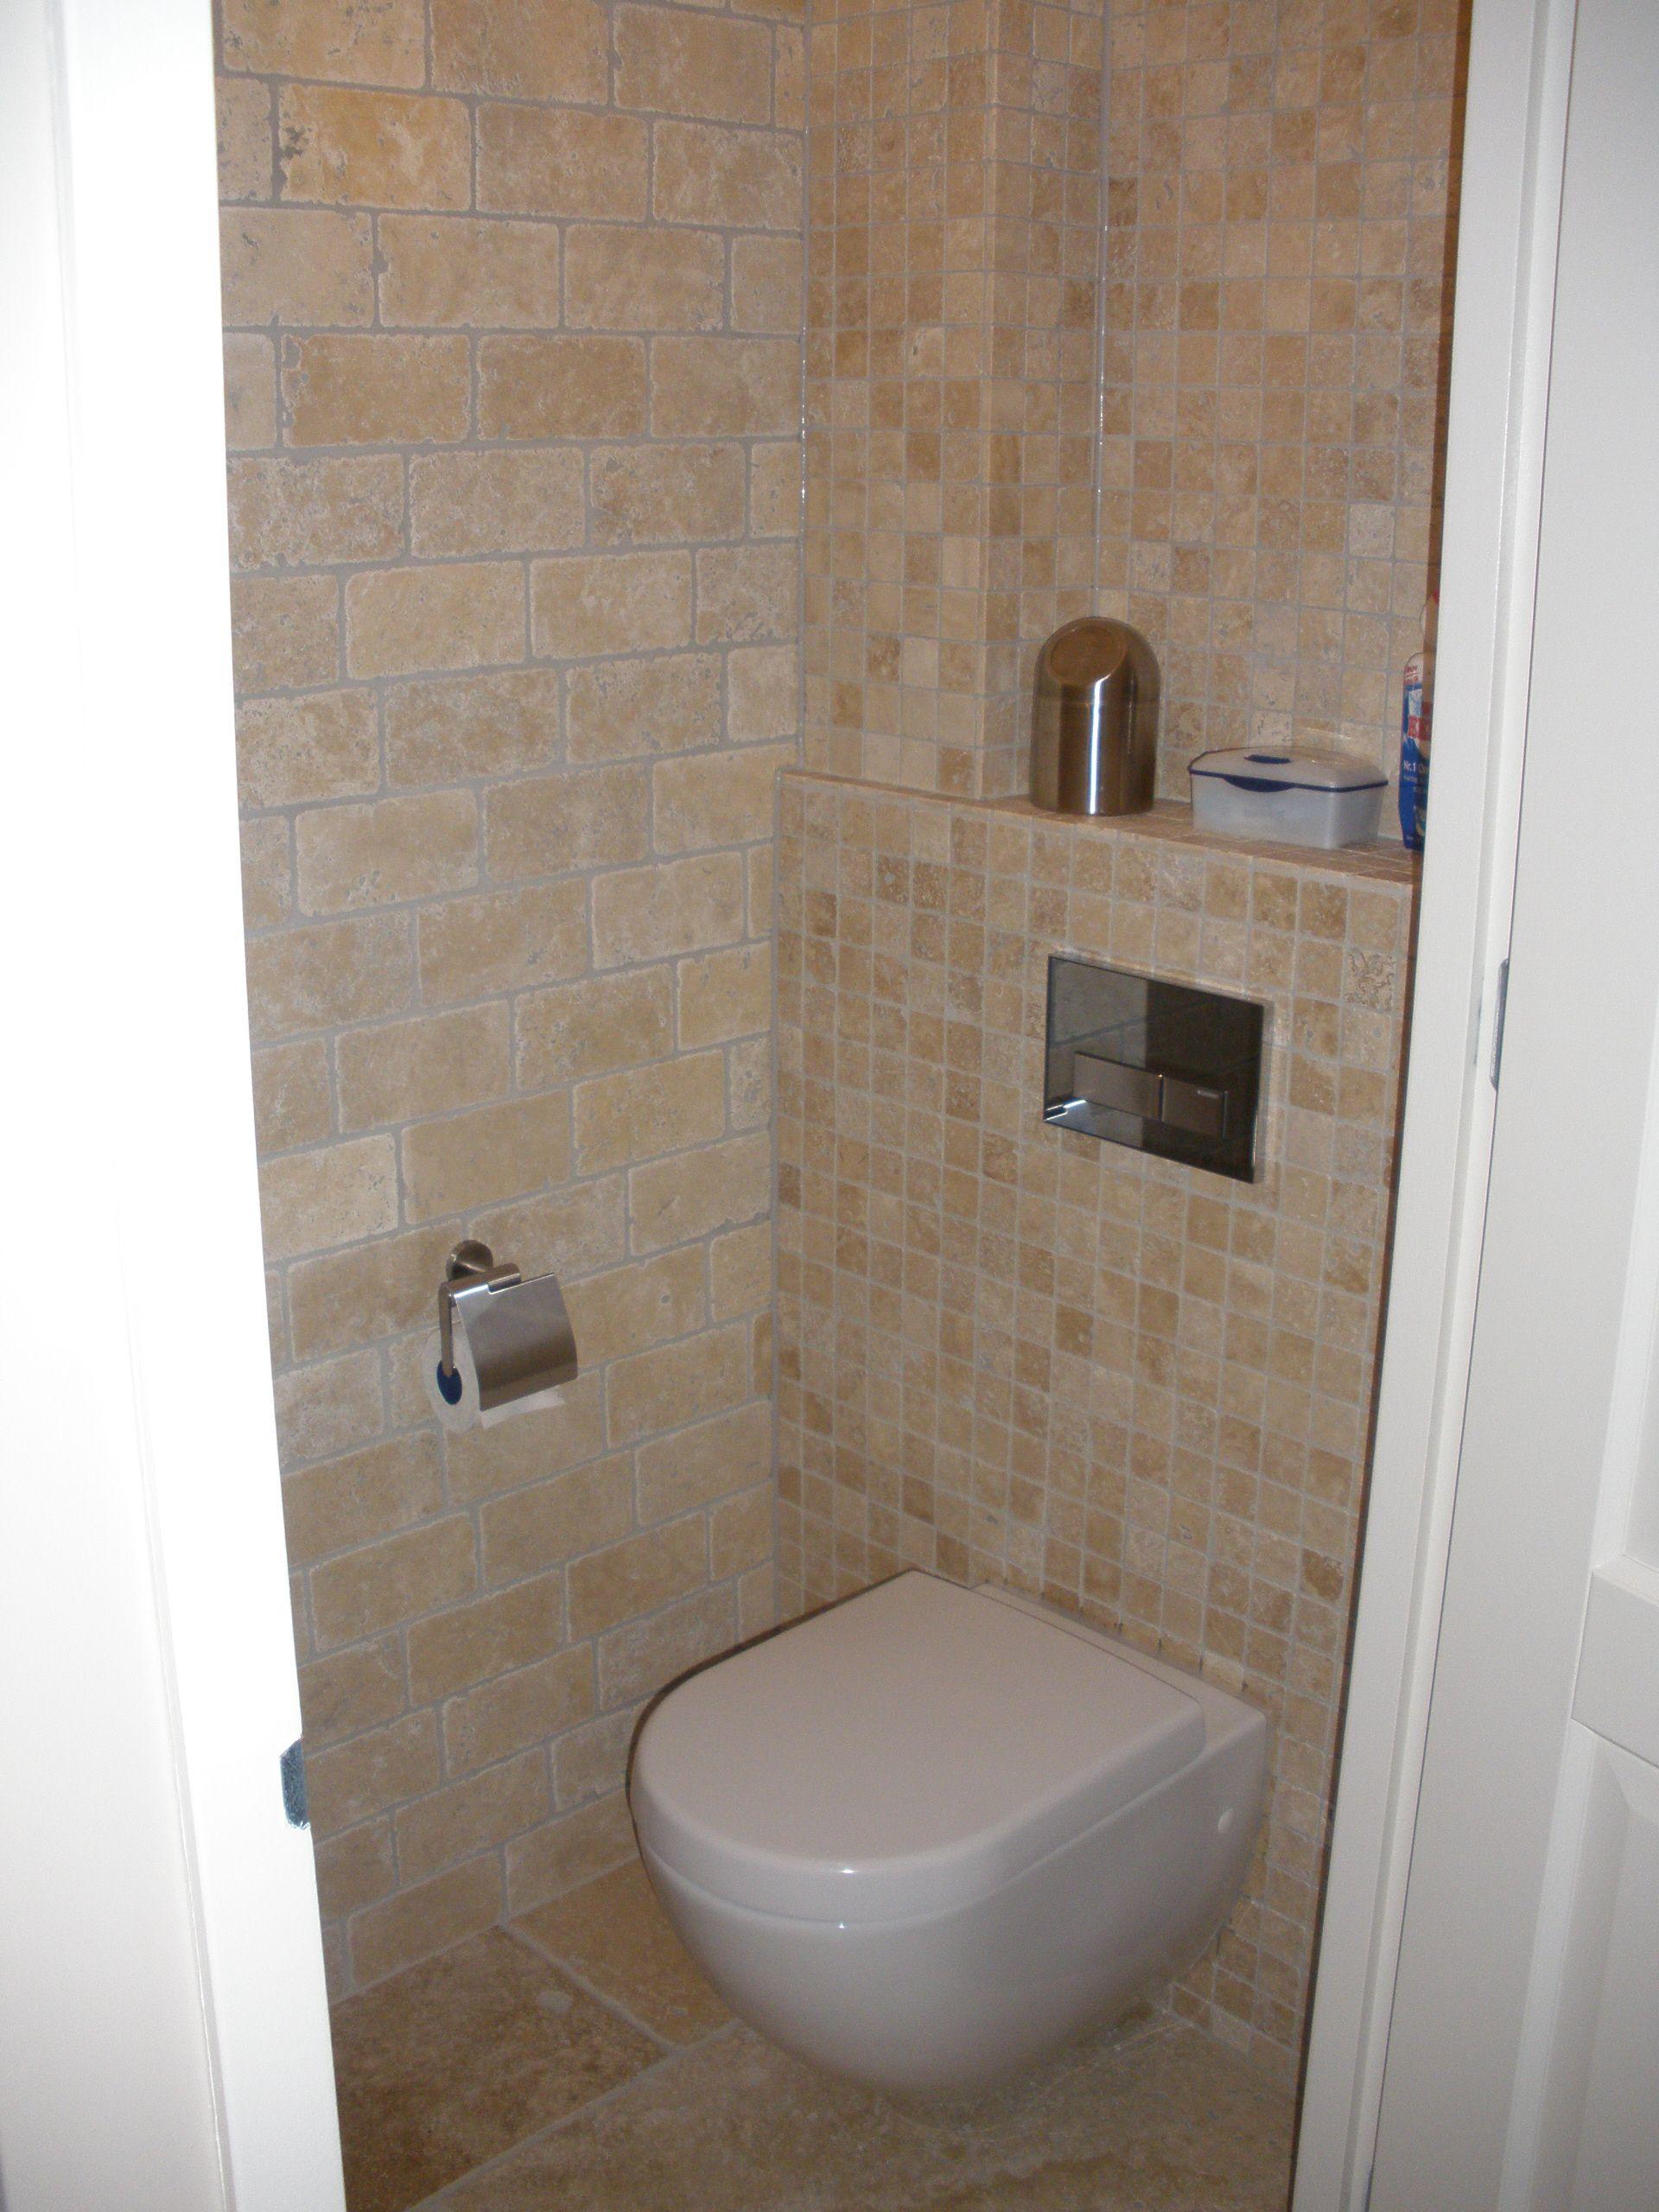 In Het Toilet.Travertin Creme In Het Toilet Badezimmer Badezimmer Und